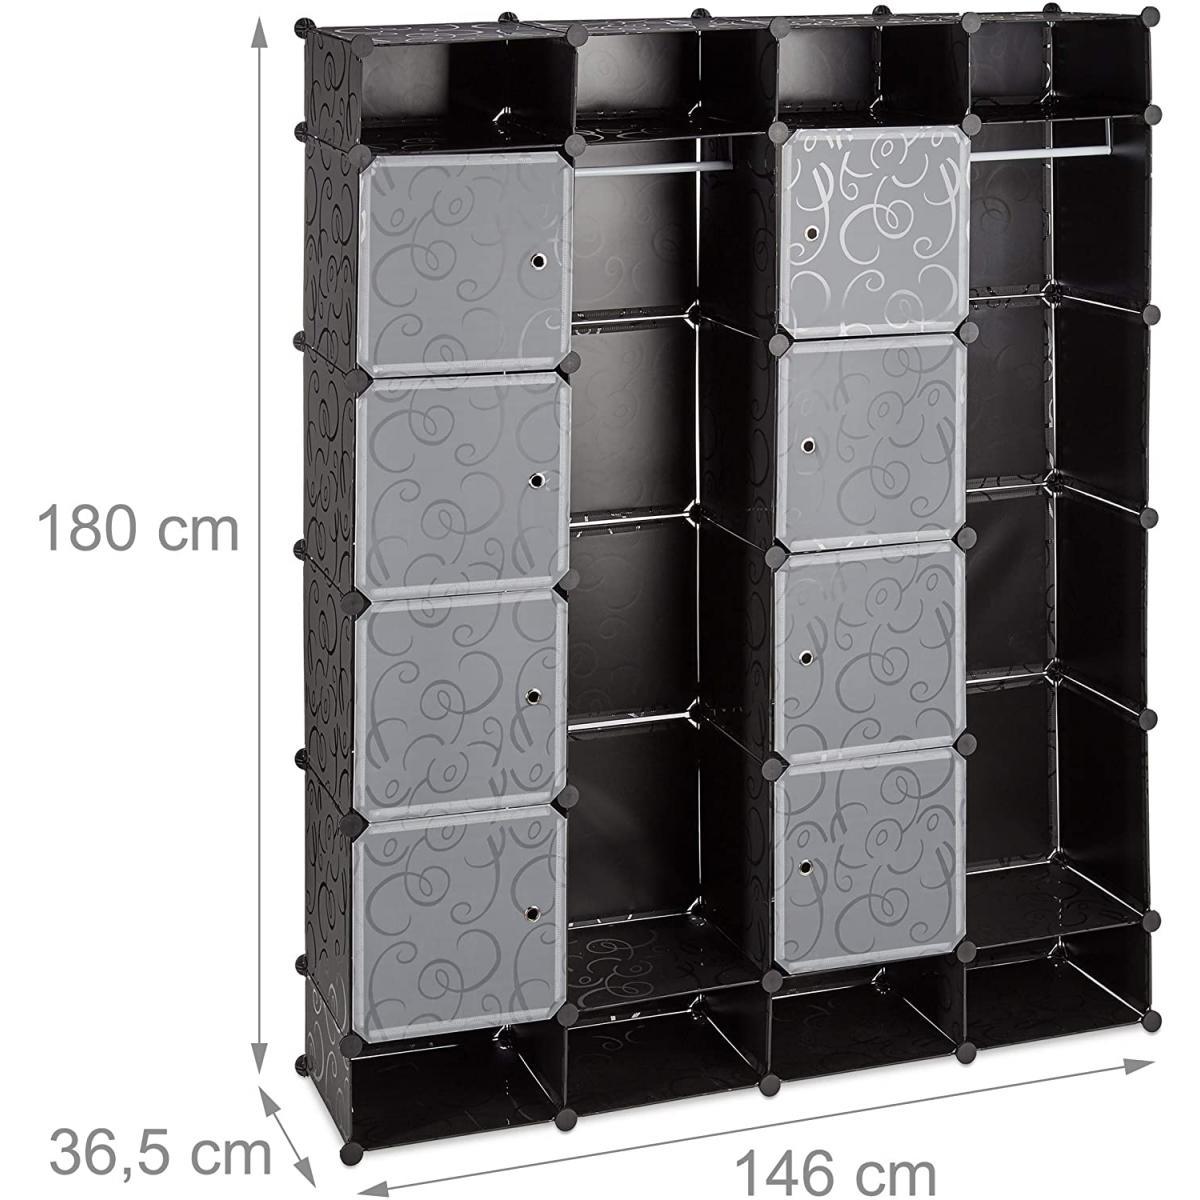 Helloshop26 Armoire de rangement en plastique meuble penderie étagère avec portes et tringle 180 cm noir 13_0001958_3